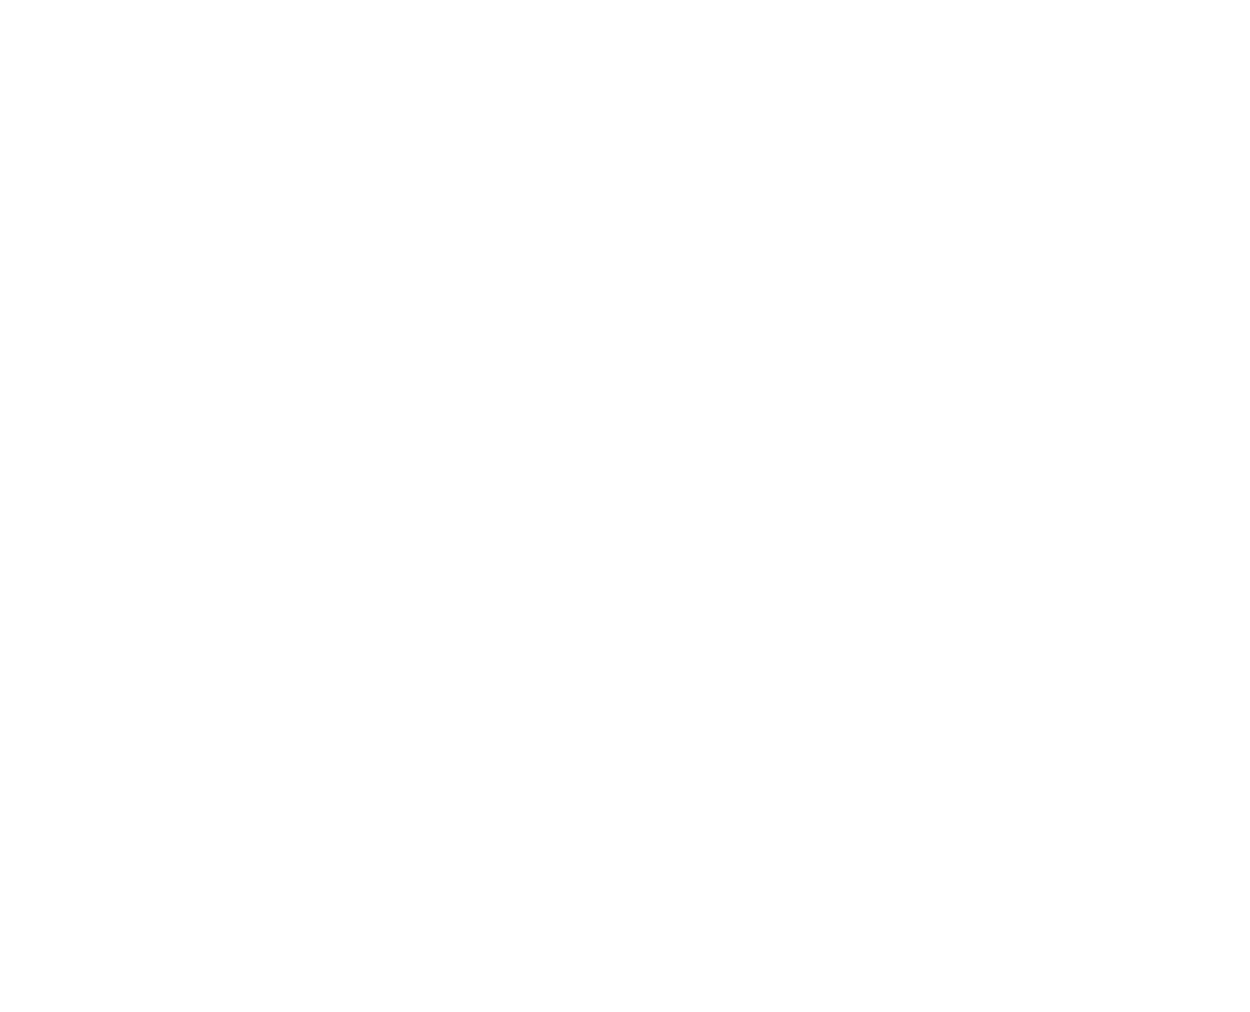 Hands-01-01.png